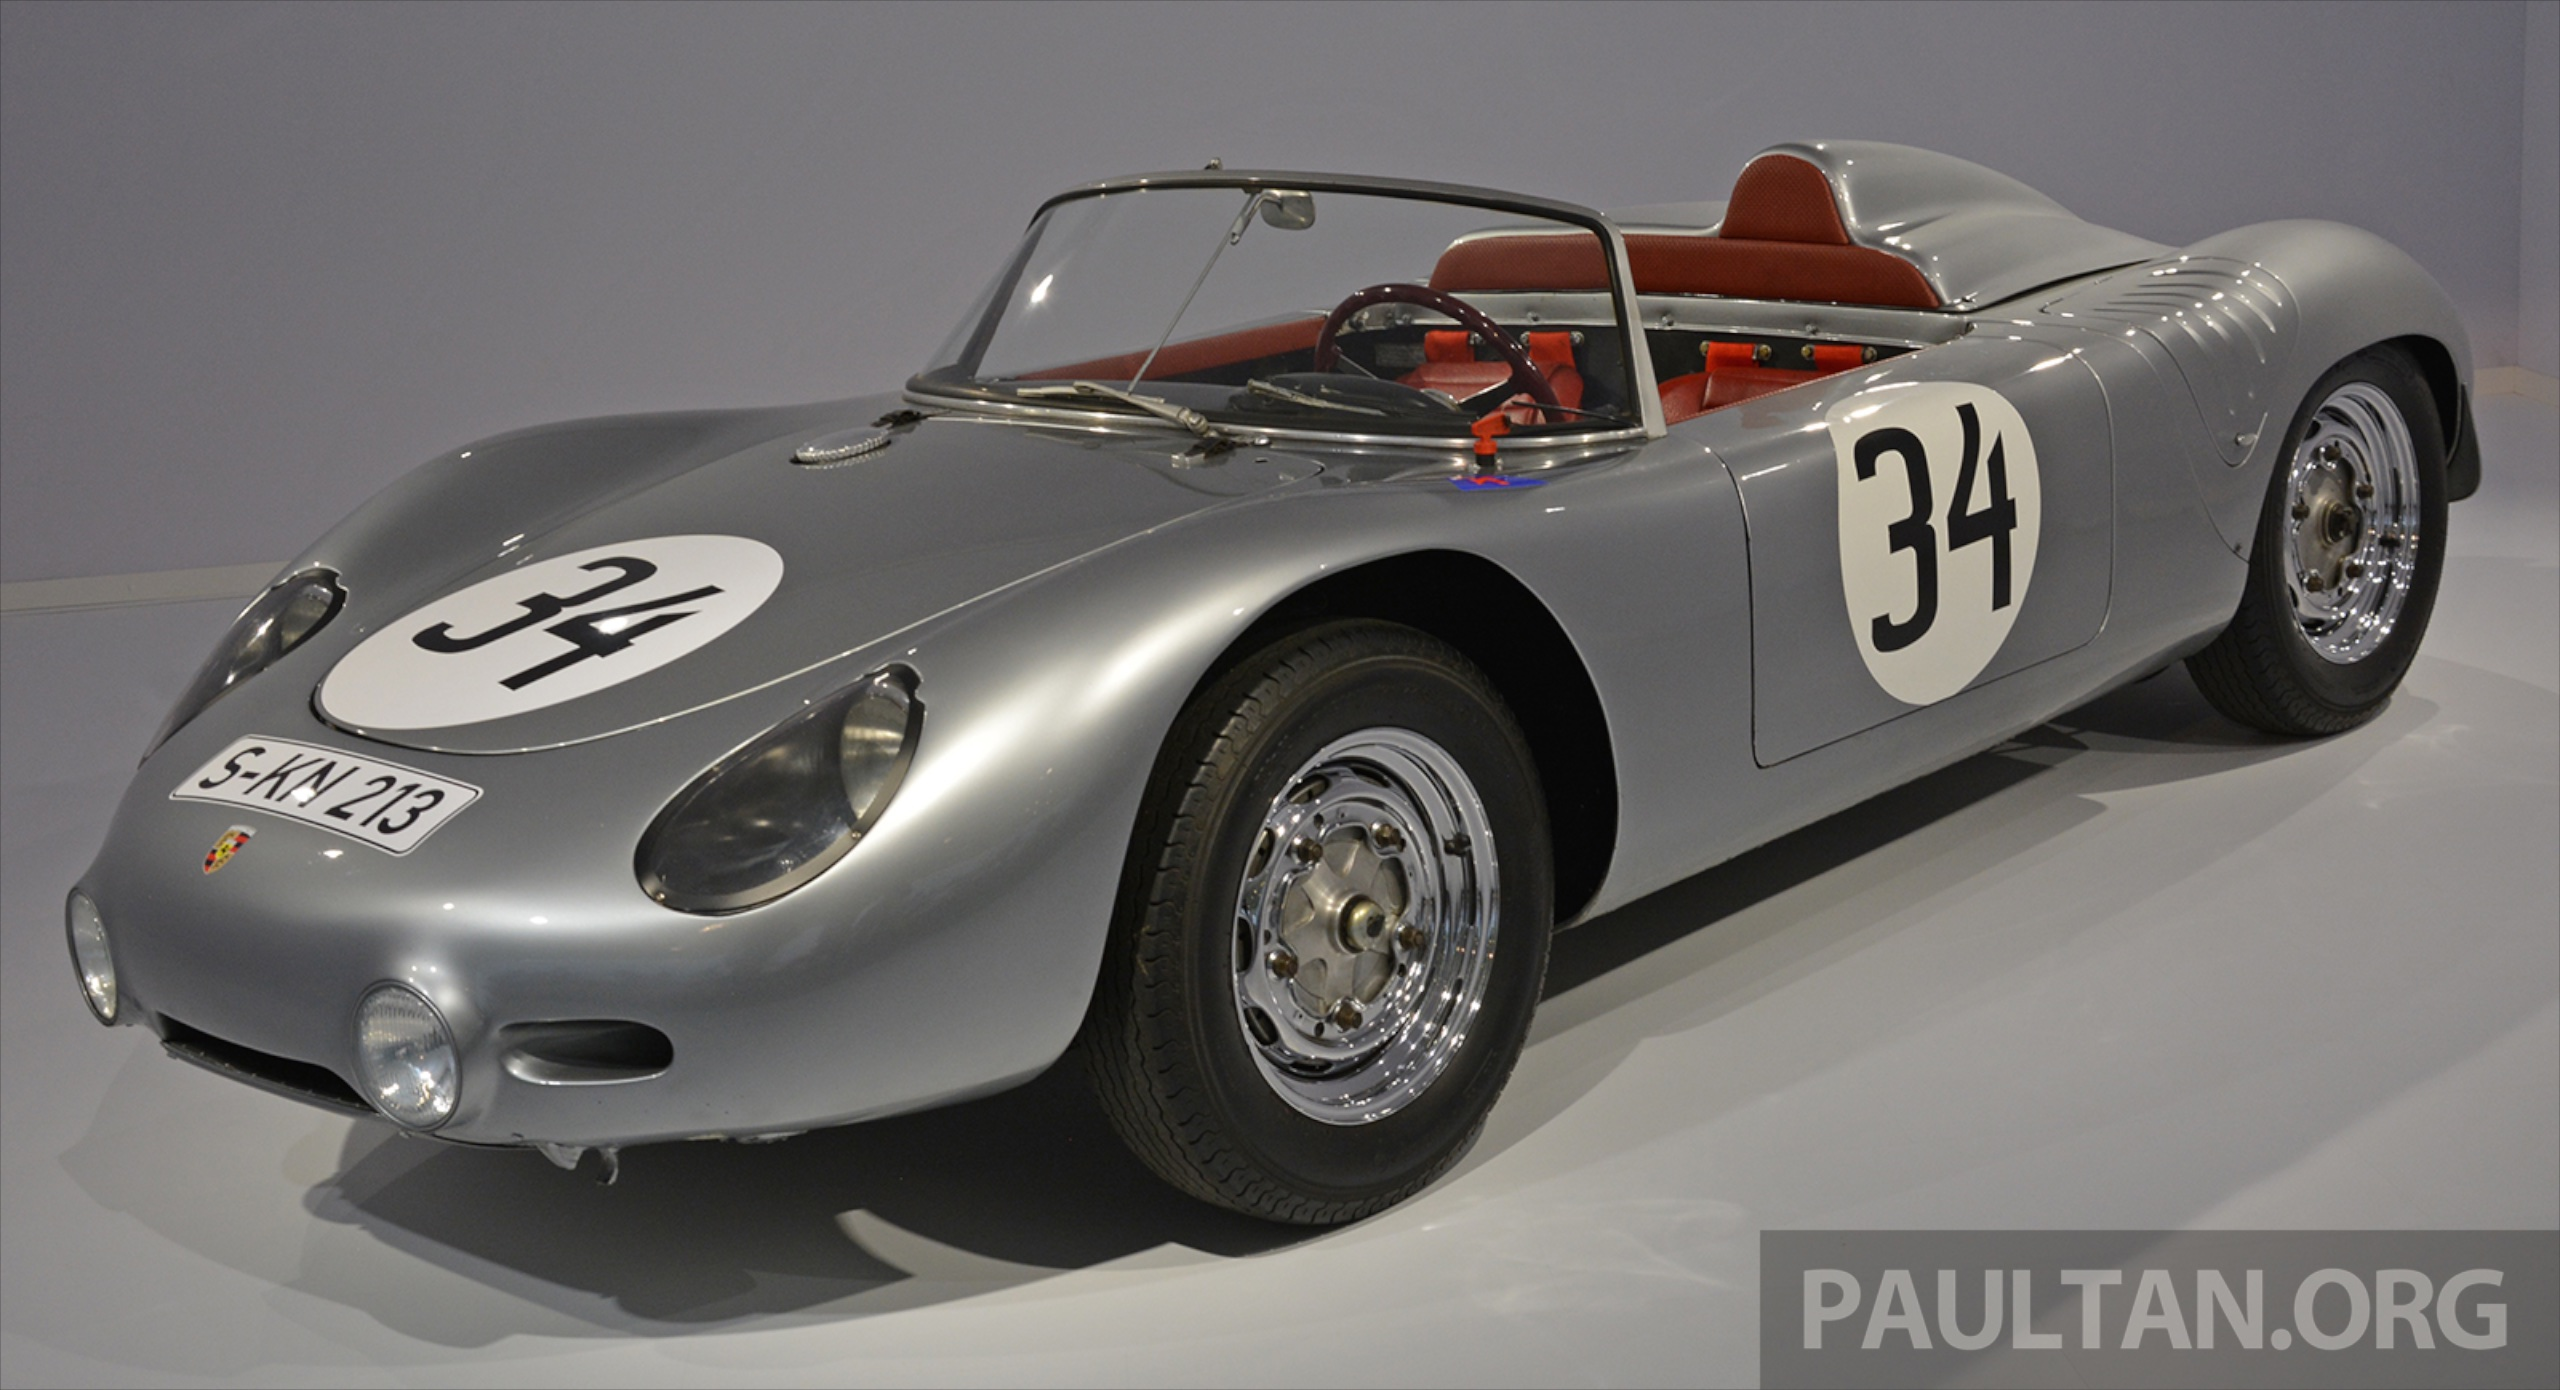 Gallery Porsche 718 Rs 60 Spyder The Inspiration Paul